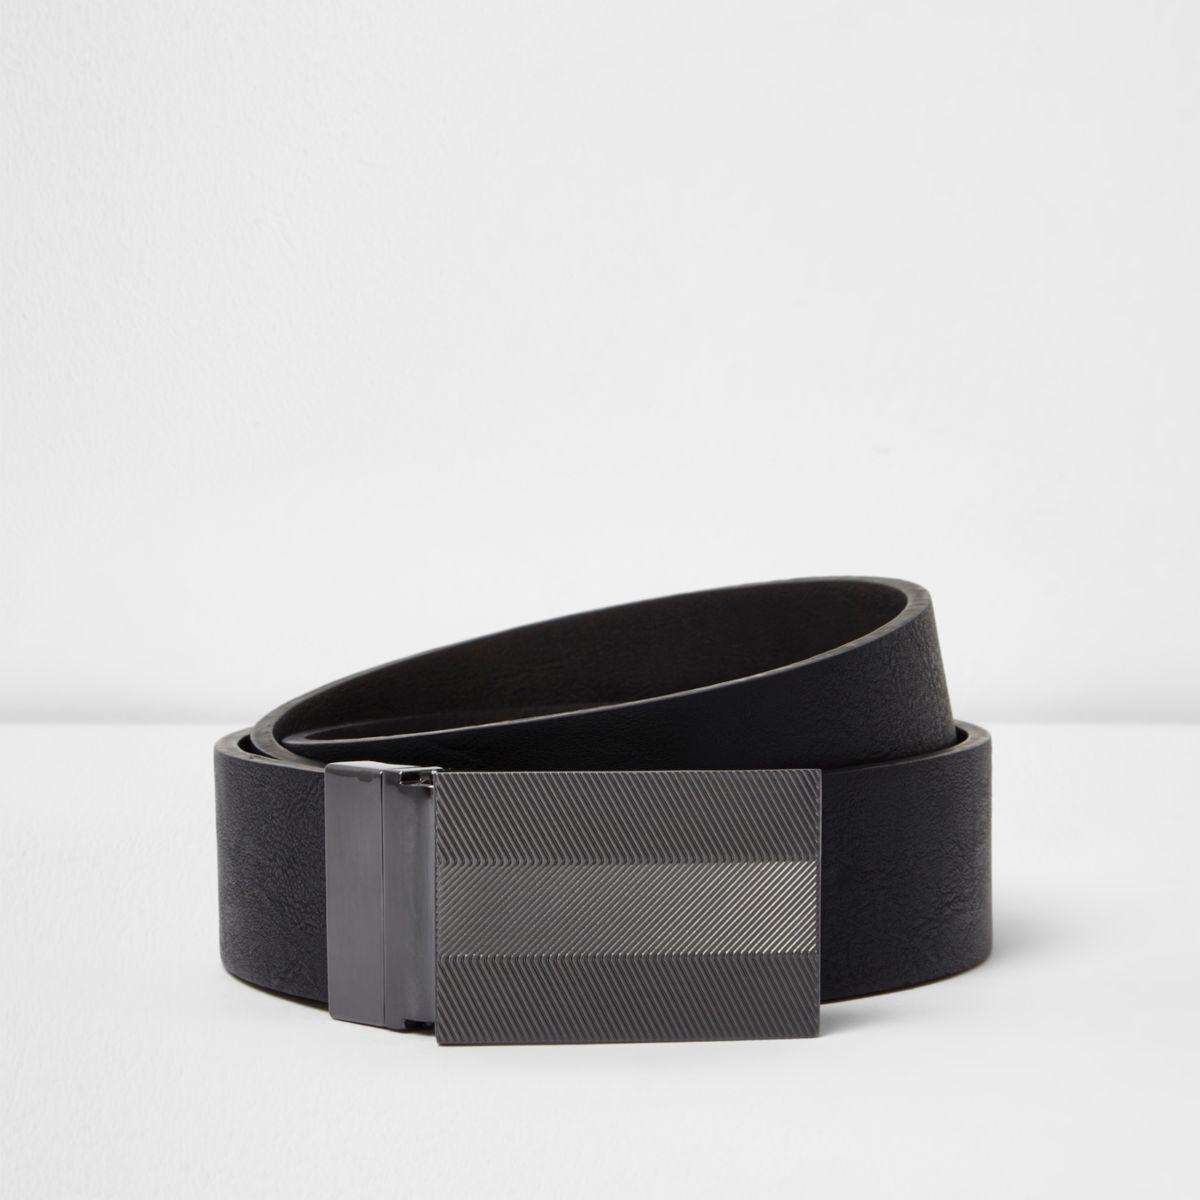 Ceinture réversible en cuir noir avec plaque texturée